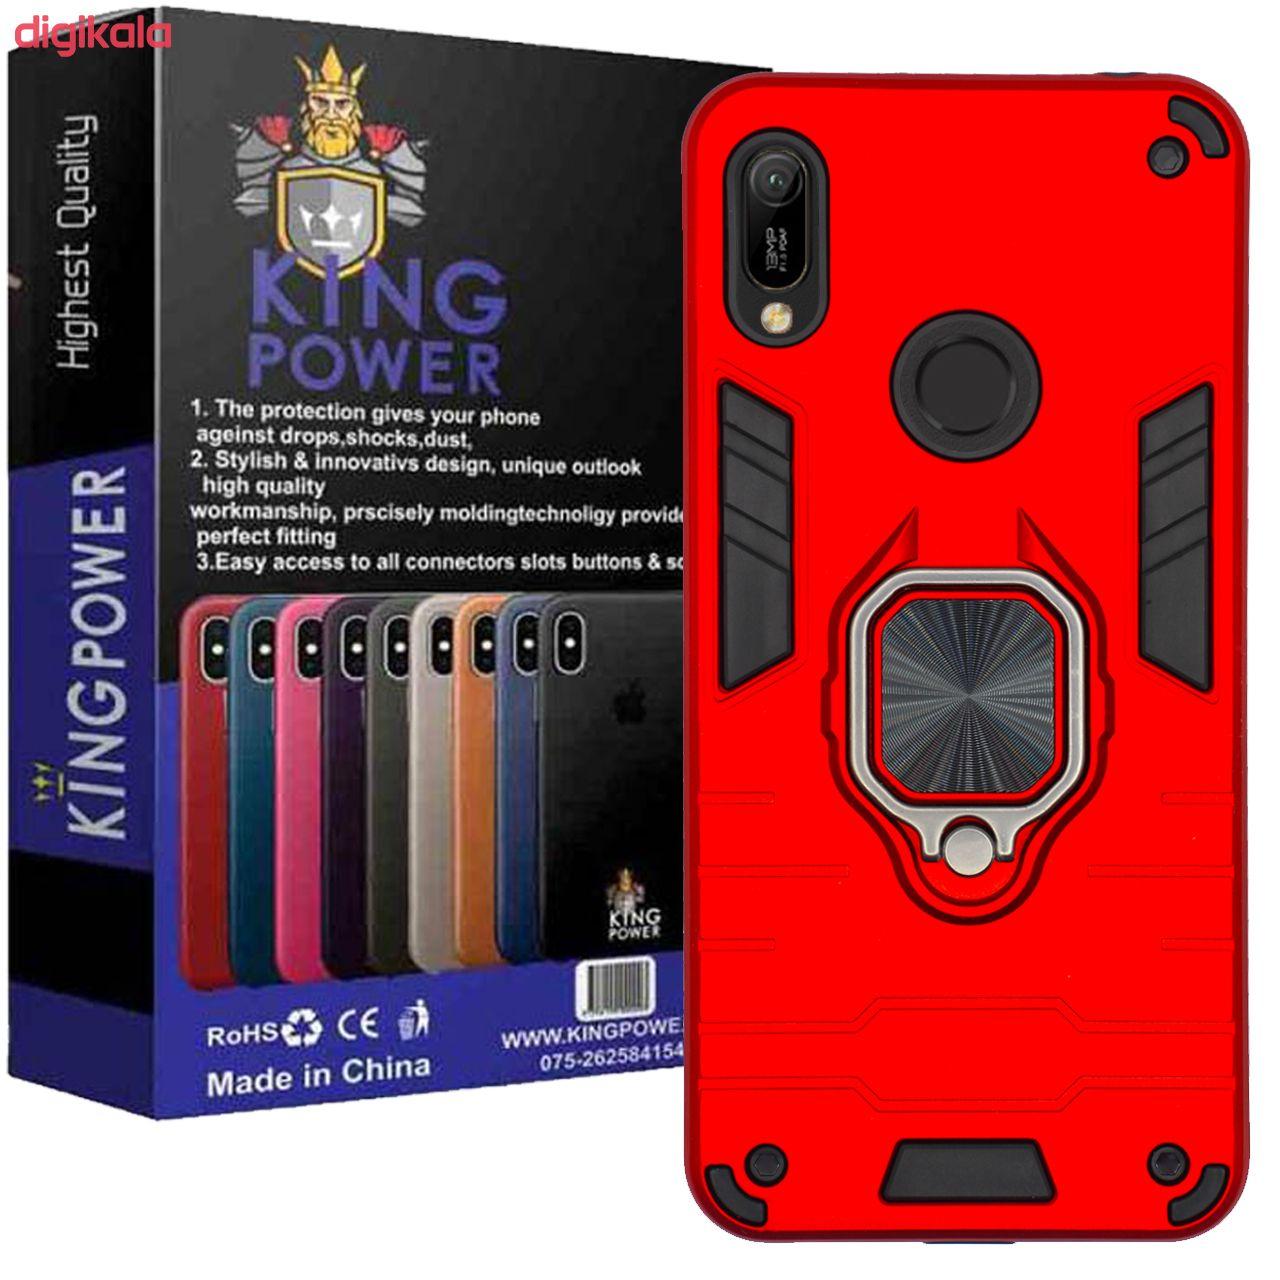 کاور کینگ پاور مدل ASH22 مناسب برای گوشی موبایل هوآوی Y6 Prime 2019 / Y6S / آنر 8A main 1 2